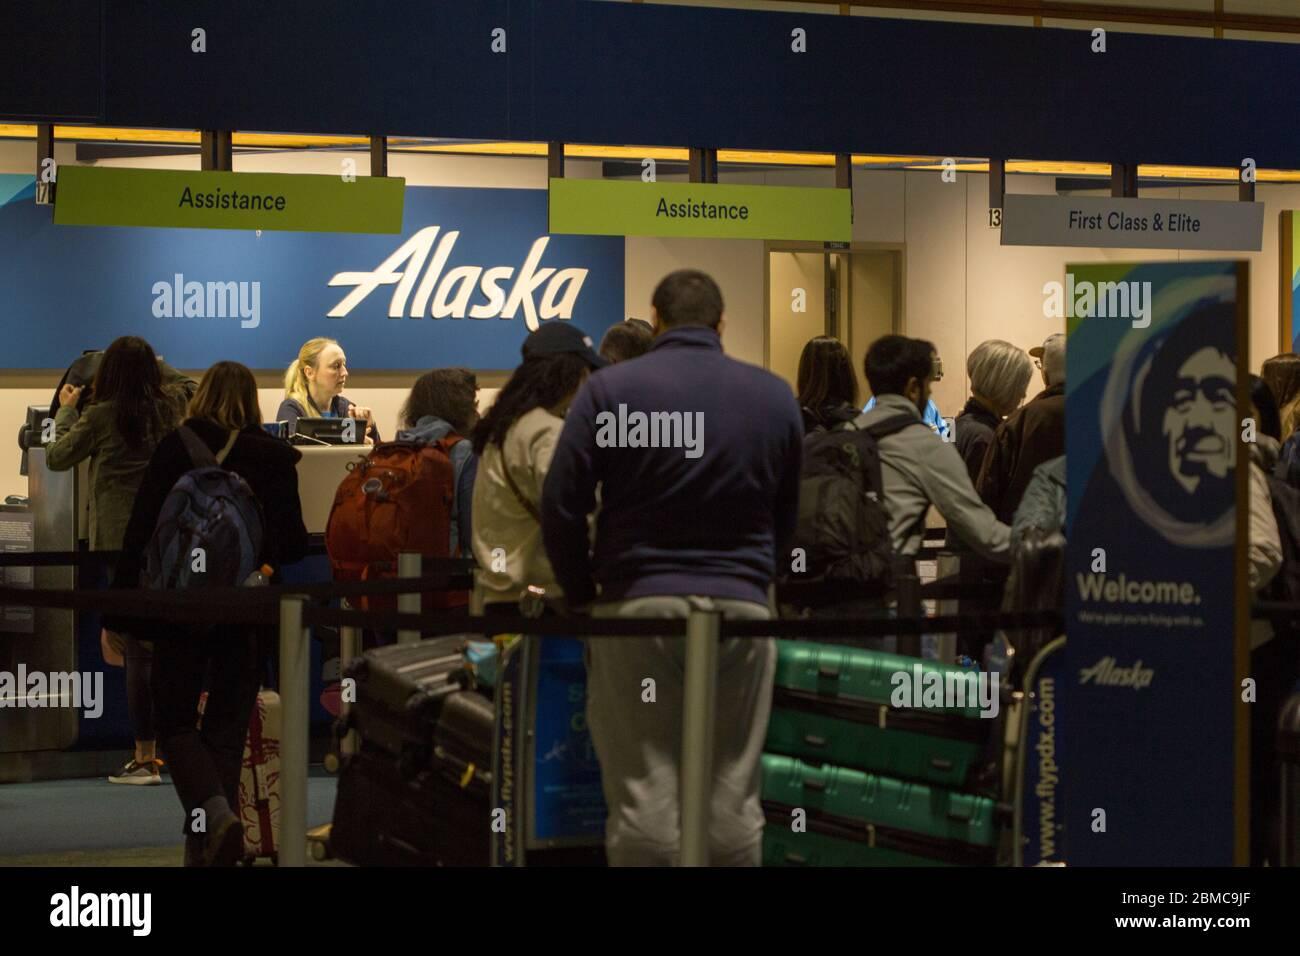 I passeggeri in attesa in fila per controllare i bagagli al banco di check-in Alaska Airlines dell'aeroporto internazionale di Portland di notte il 13 febbraio 2020. Foto Stock